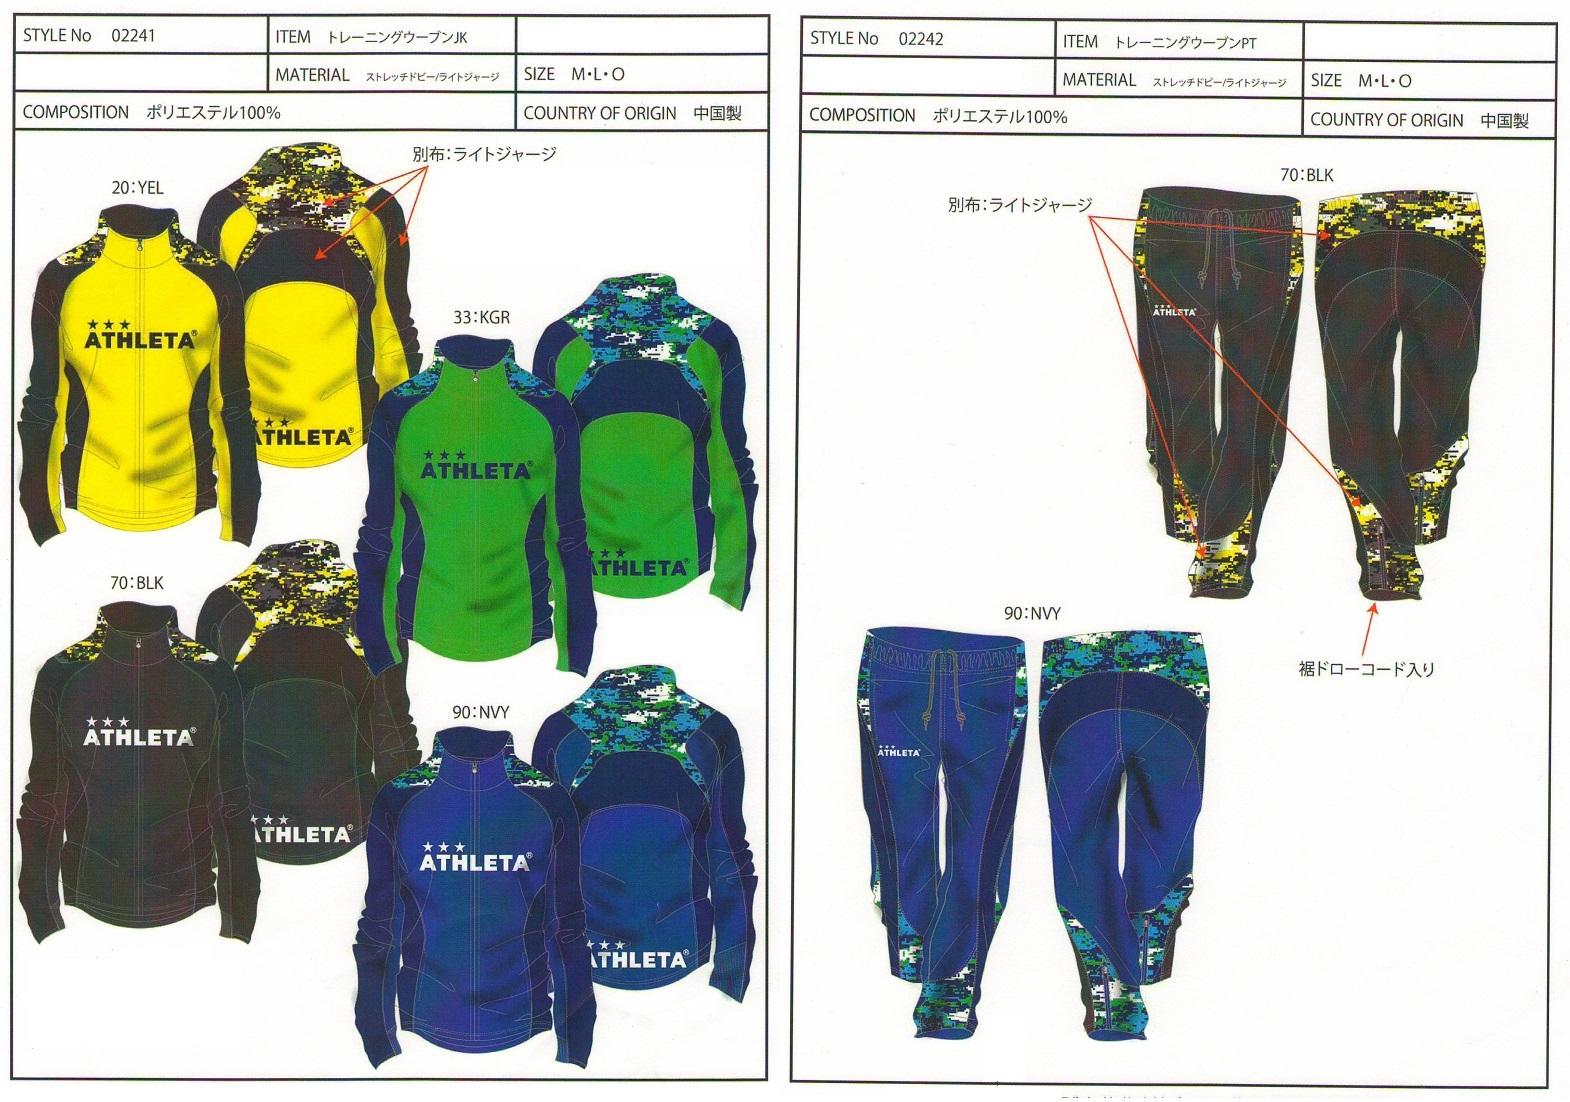 アスレタ style-02241-02242 トレーニング ウーブン ジャケット・パンツ 上下セット